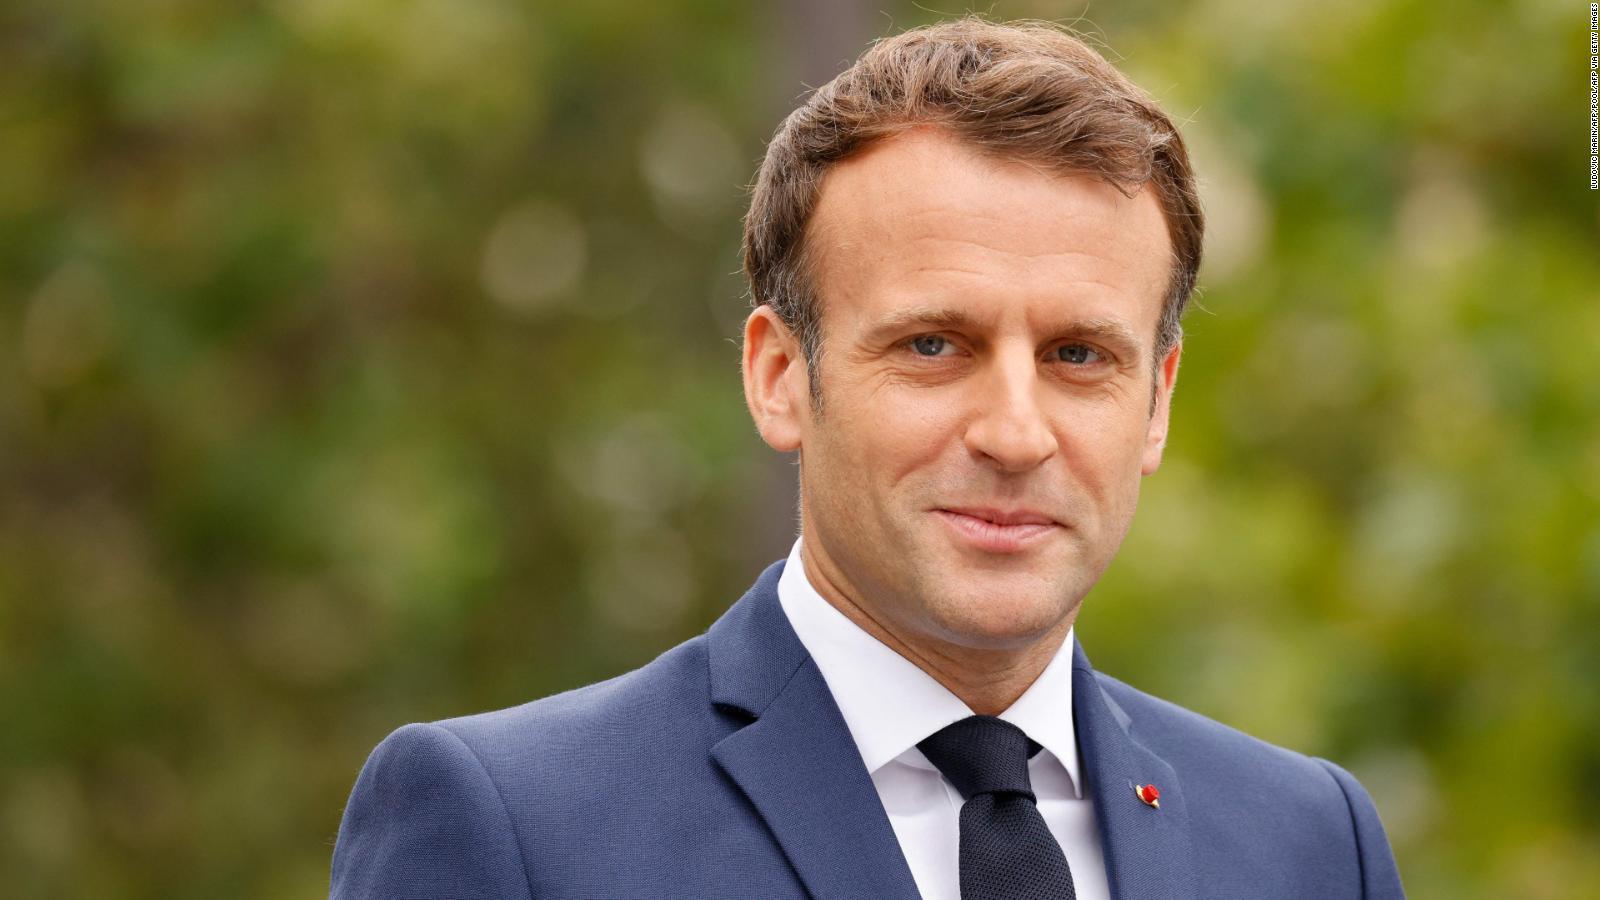 Emmanuel Macron envía mensaje tras protestas y responde sobre la vacuna